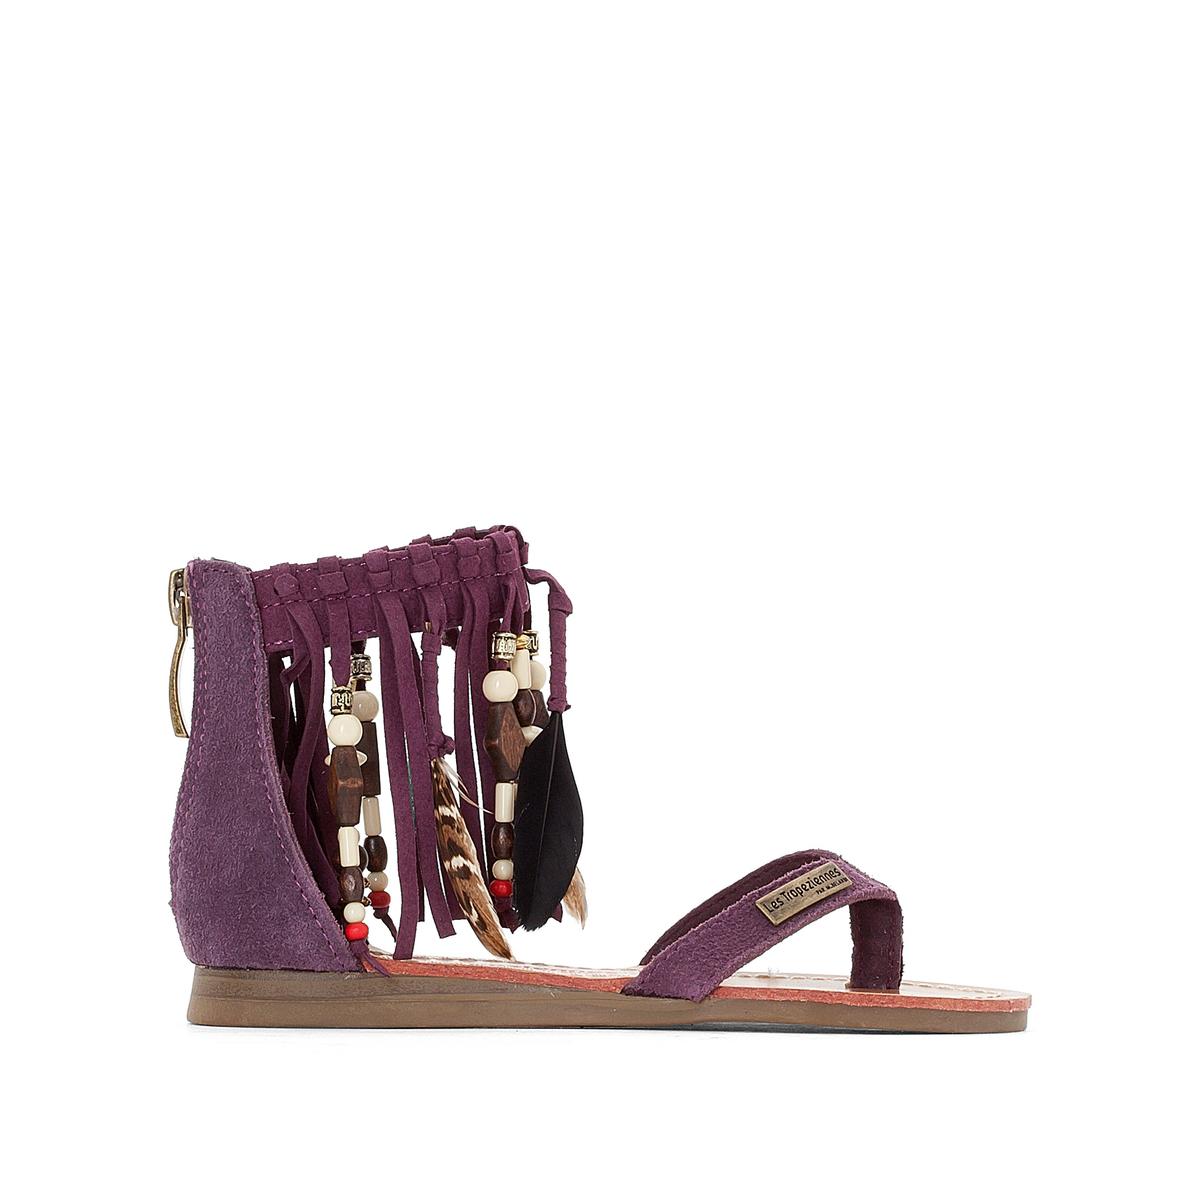 Сандалии кожаные GopakВерх : кожа и текстиль     Подкладка : синтетика     Стелька : Кожа.     Подошва : синтетика     Форма каблука : плоский каблук     Мысок : закругленный     Застежка : молния<br><br>Цвет: фиолетовый<br>Размер: 32